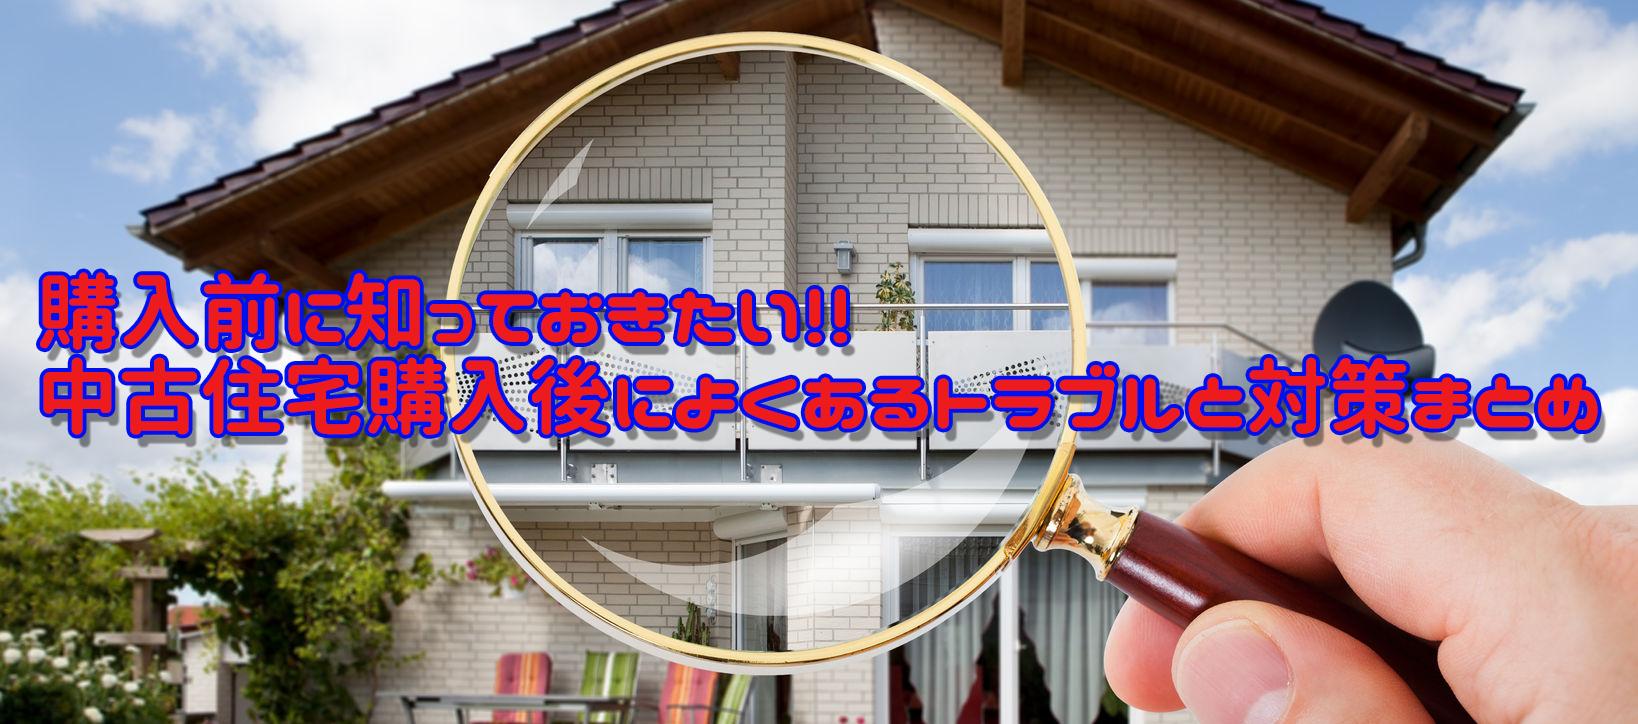 購入前に知っておきたい!!中古住宅購入後によくあるトラブルと対策まとめ